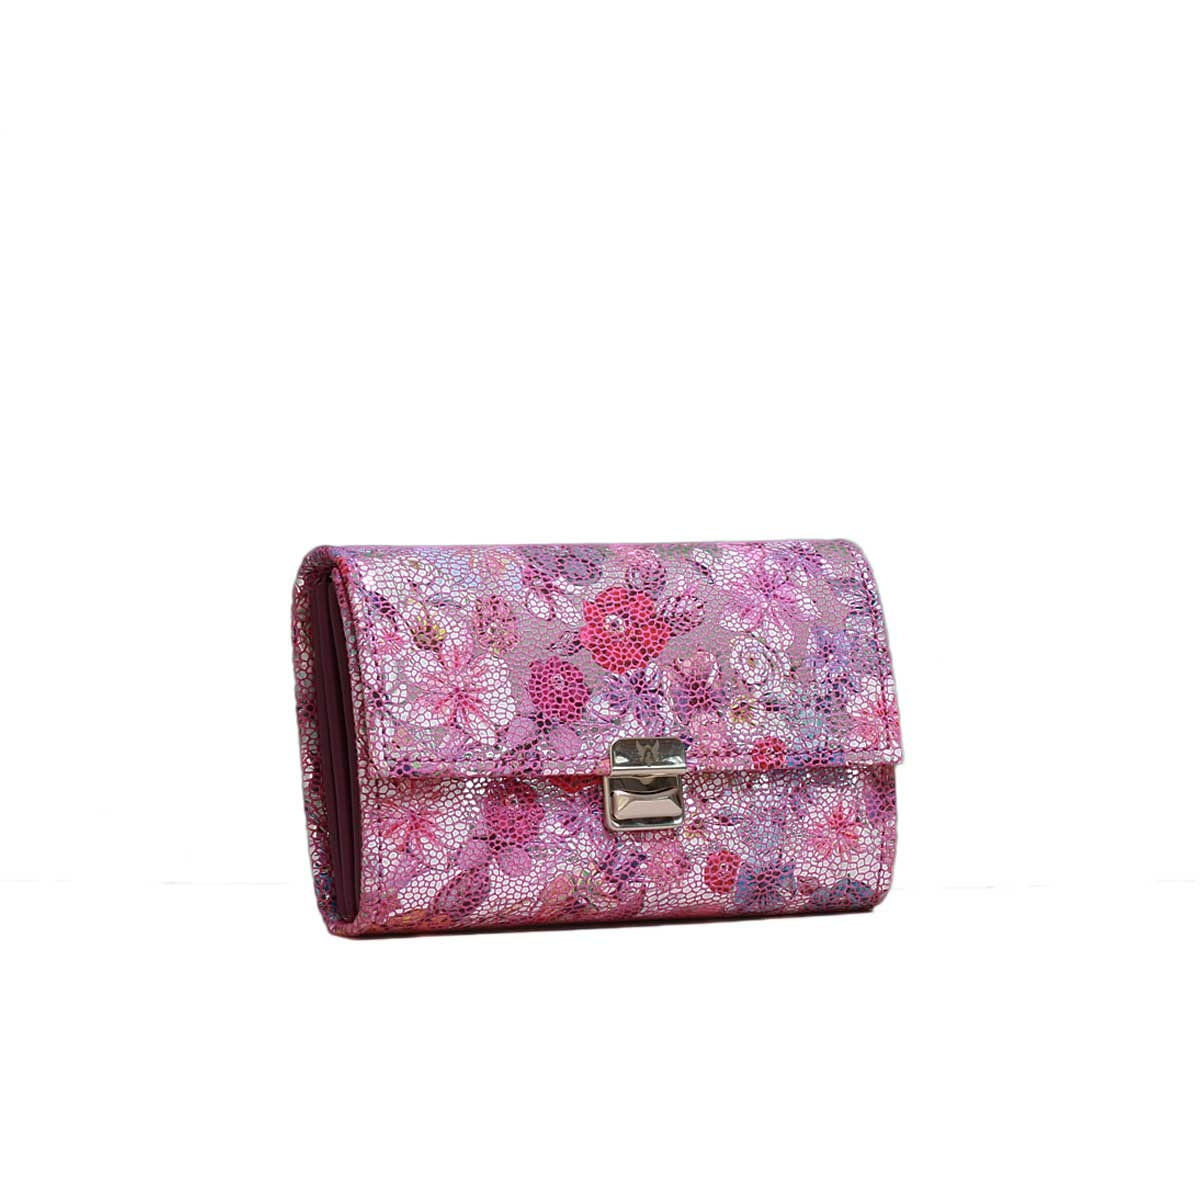 Damen Portemonnaie Wildleder Glitzer Blumen Purple M